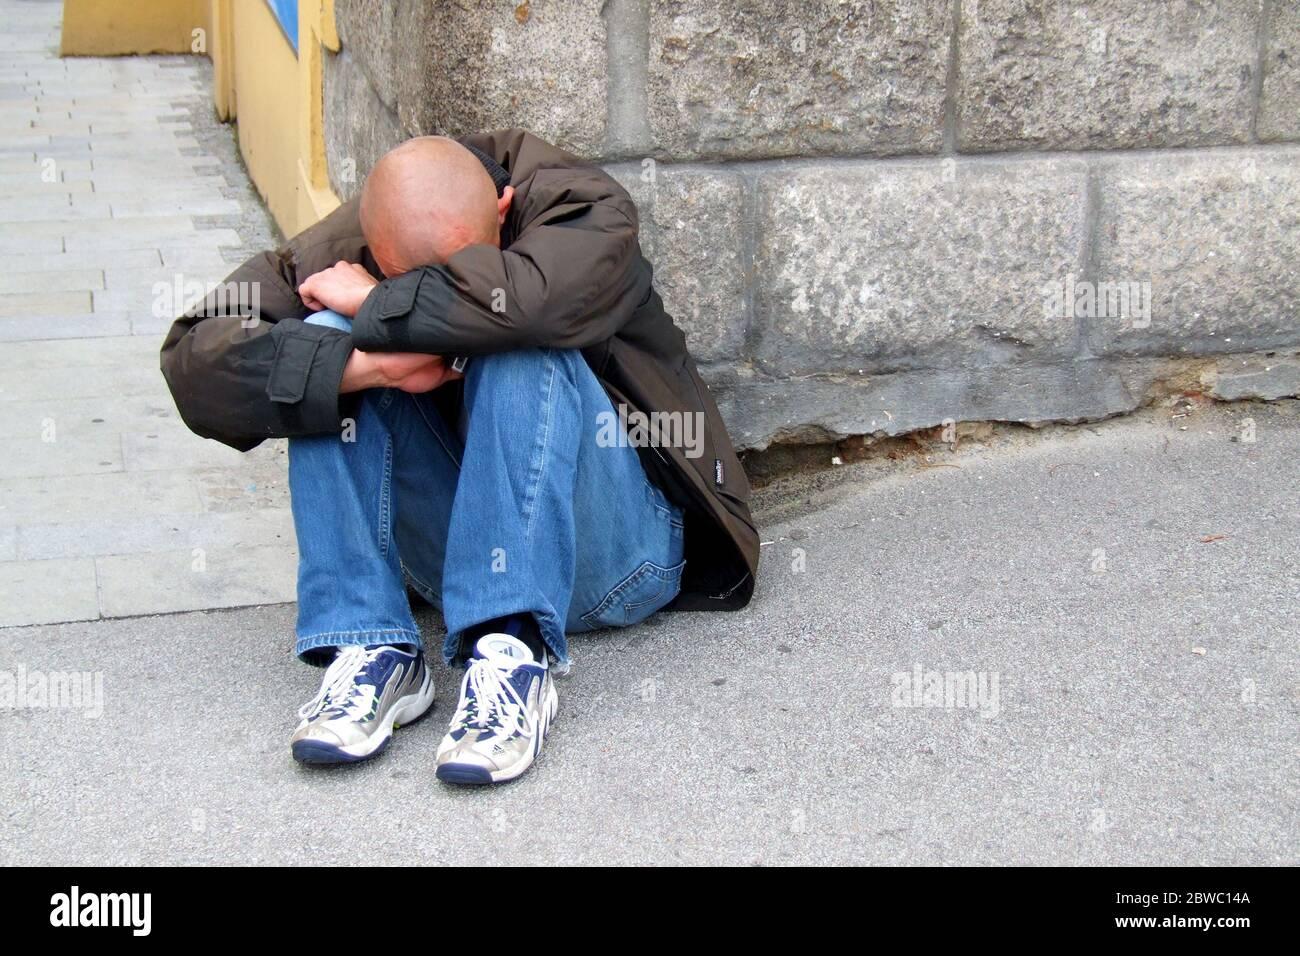 Verzweifelter Mann sitzt auf der Strasse, Bettler, Arbeitsloser, Ruiniert, Obdachloser, MR: Sì Foto Stock